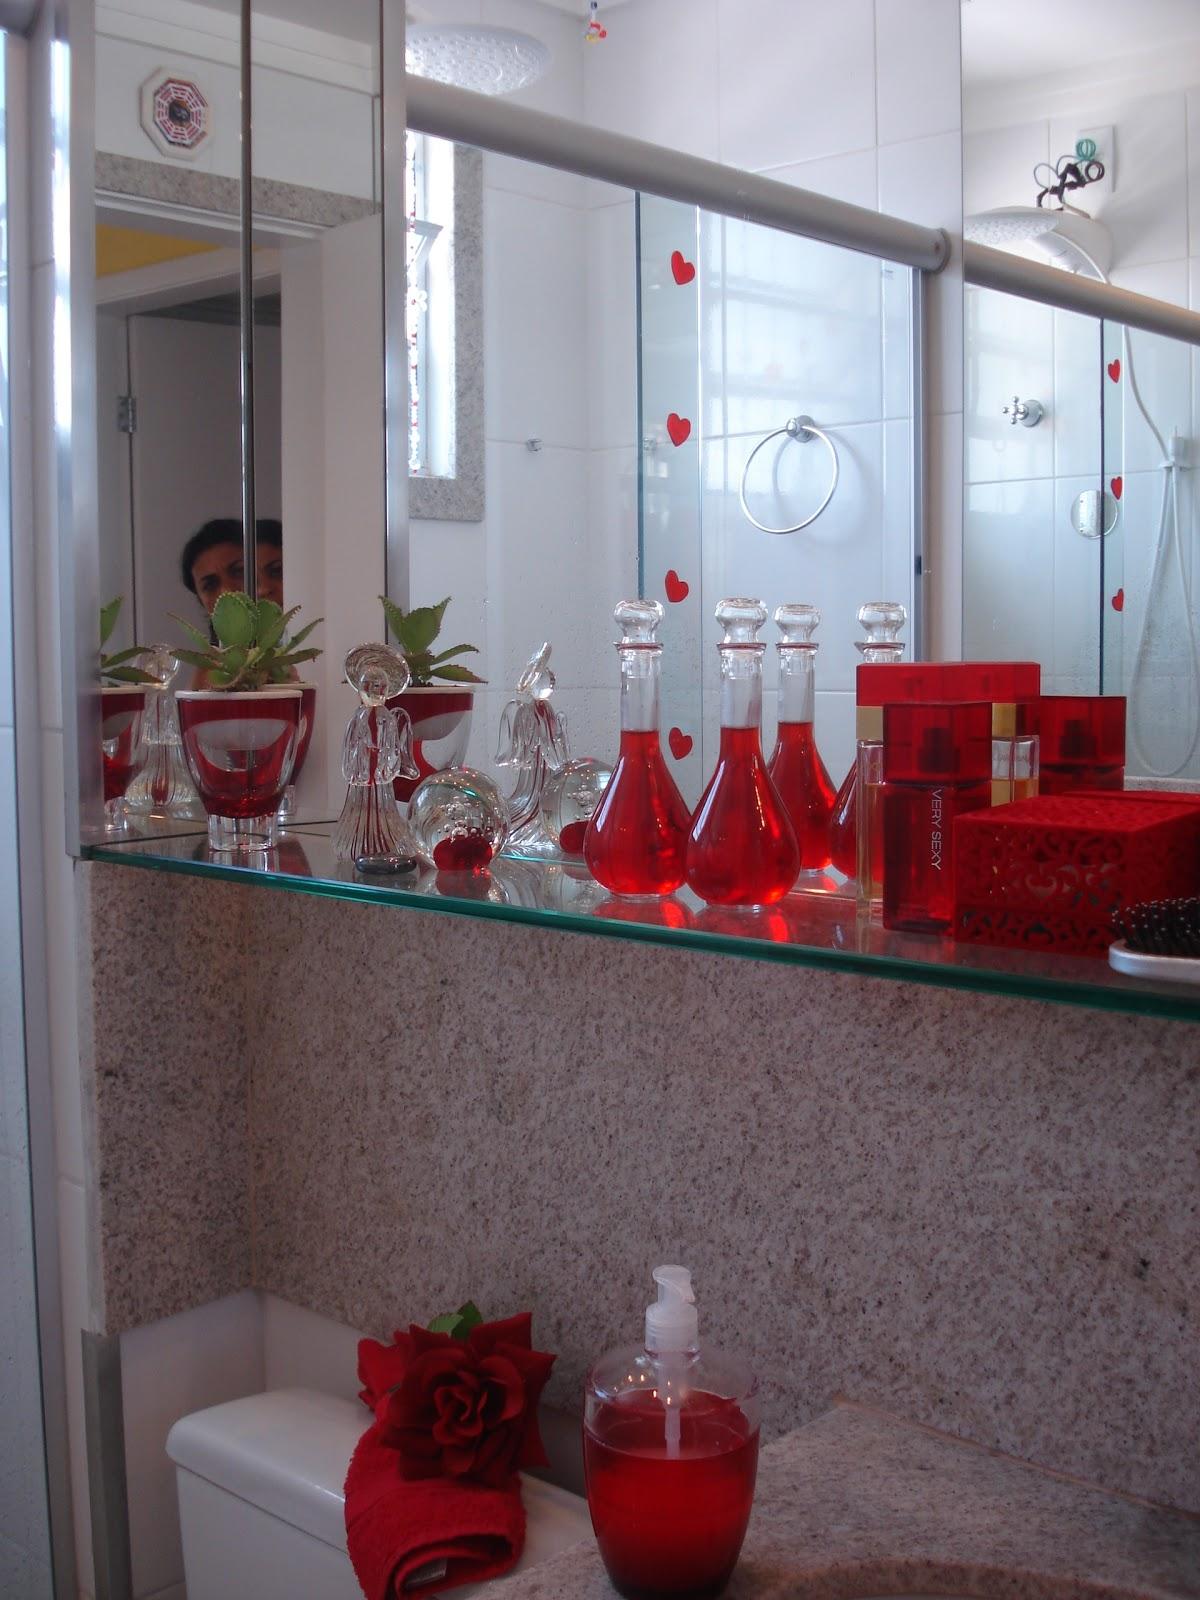 espelhos no teto para equilibrar energia dos banheiros banheiro no  #B31820 1200 1600